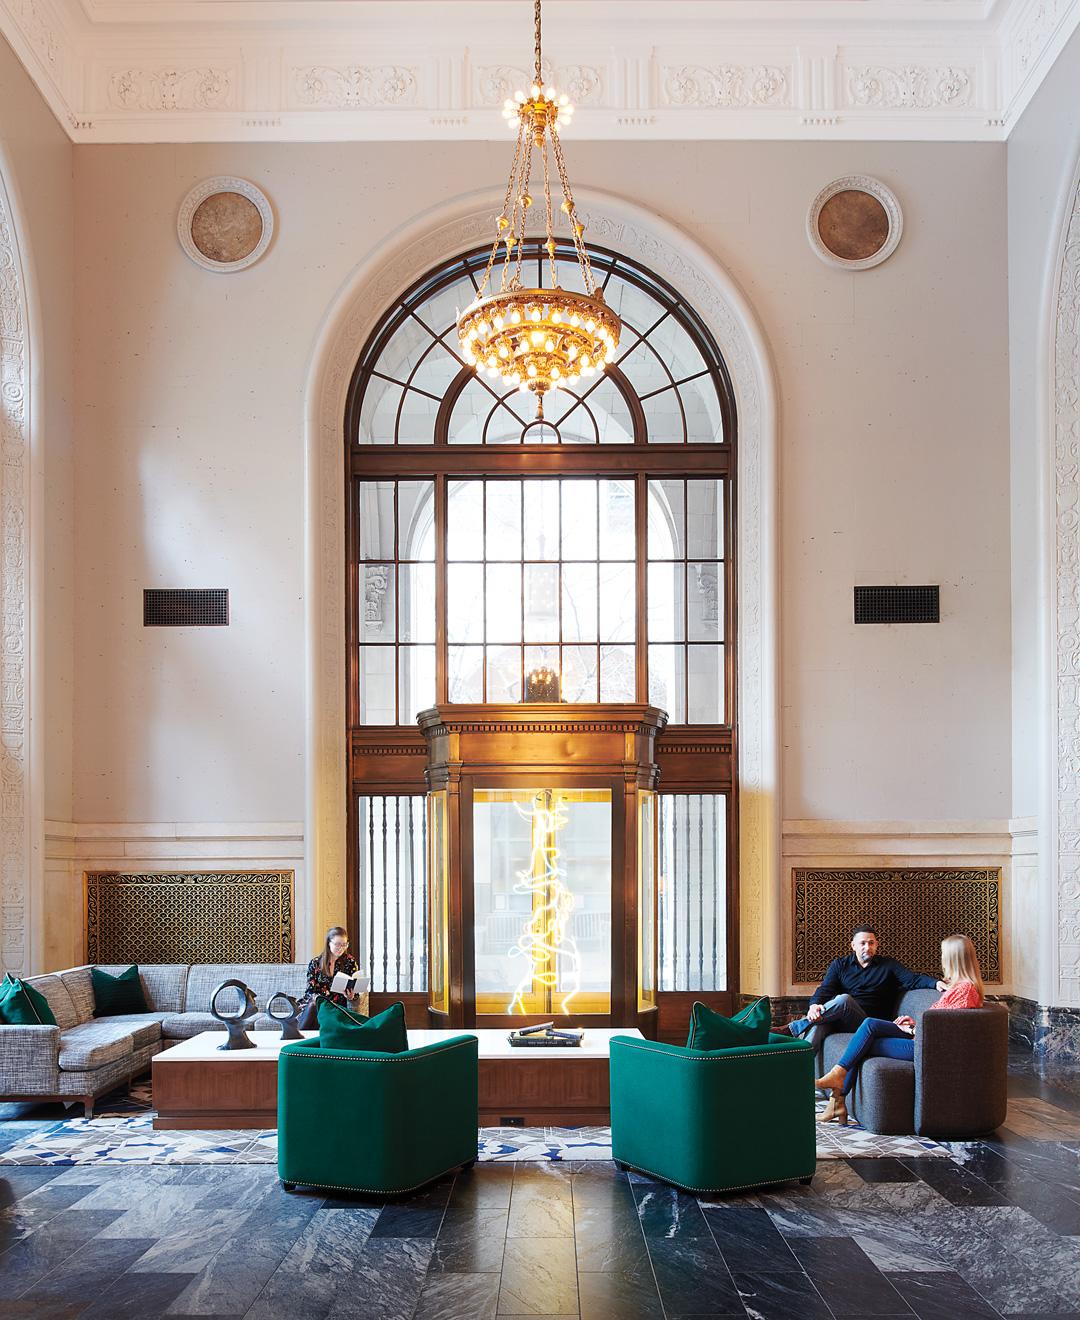 philadelphia hotels